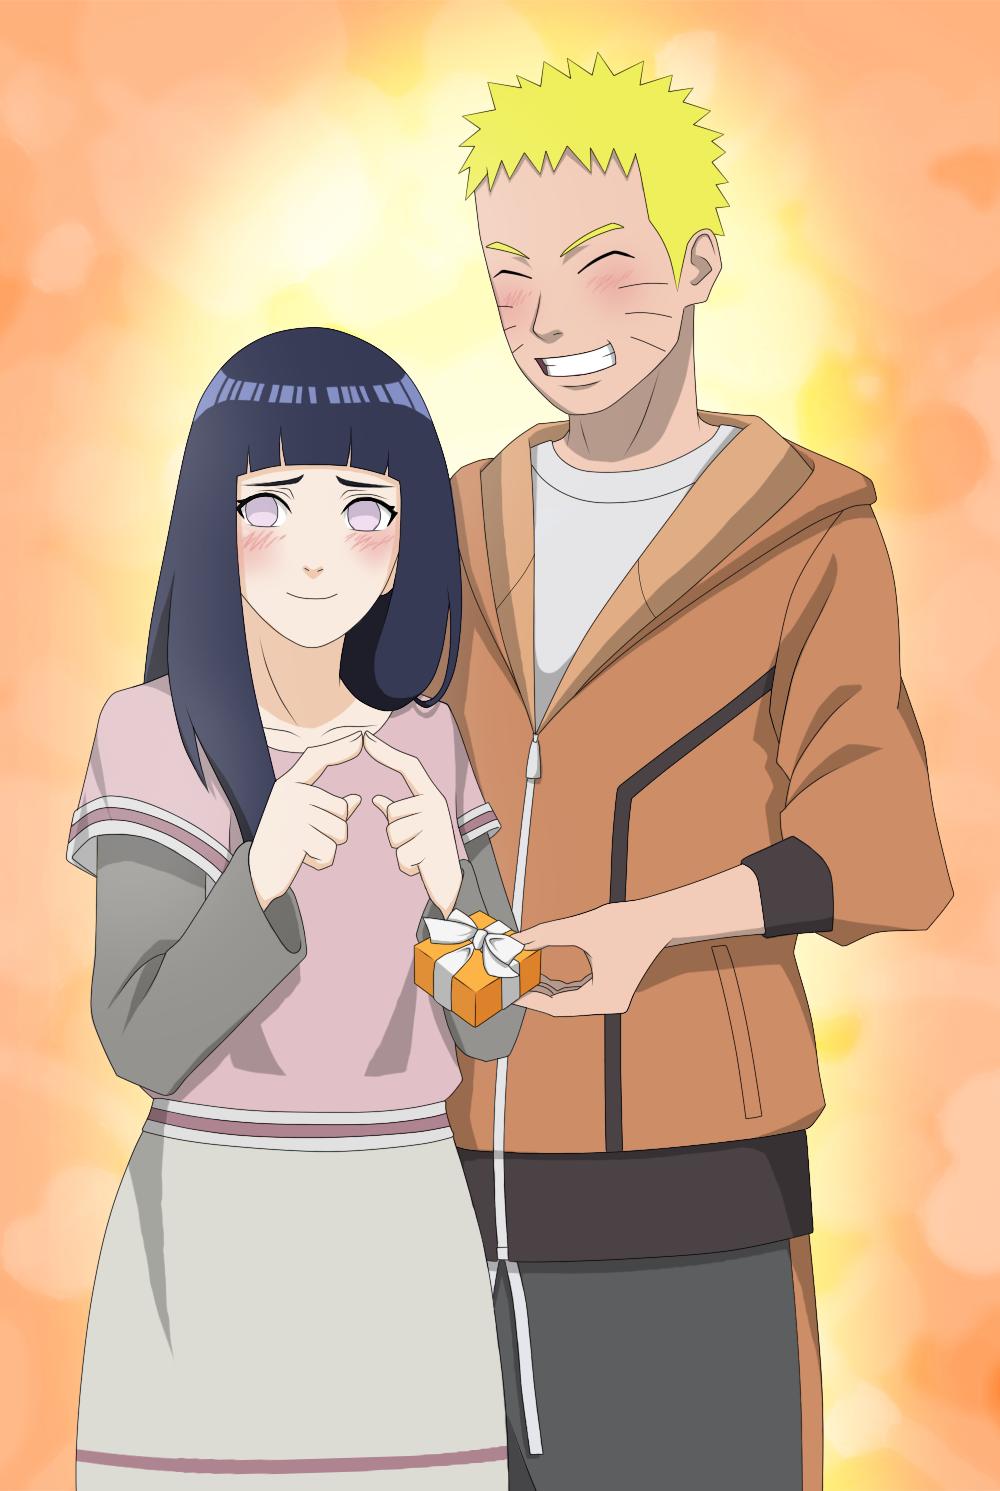 naruto give a gift to hinata | Naruto | Pinterest | Naruto and ...